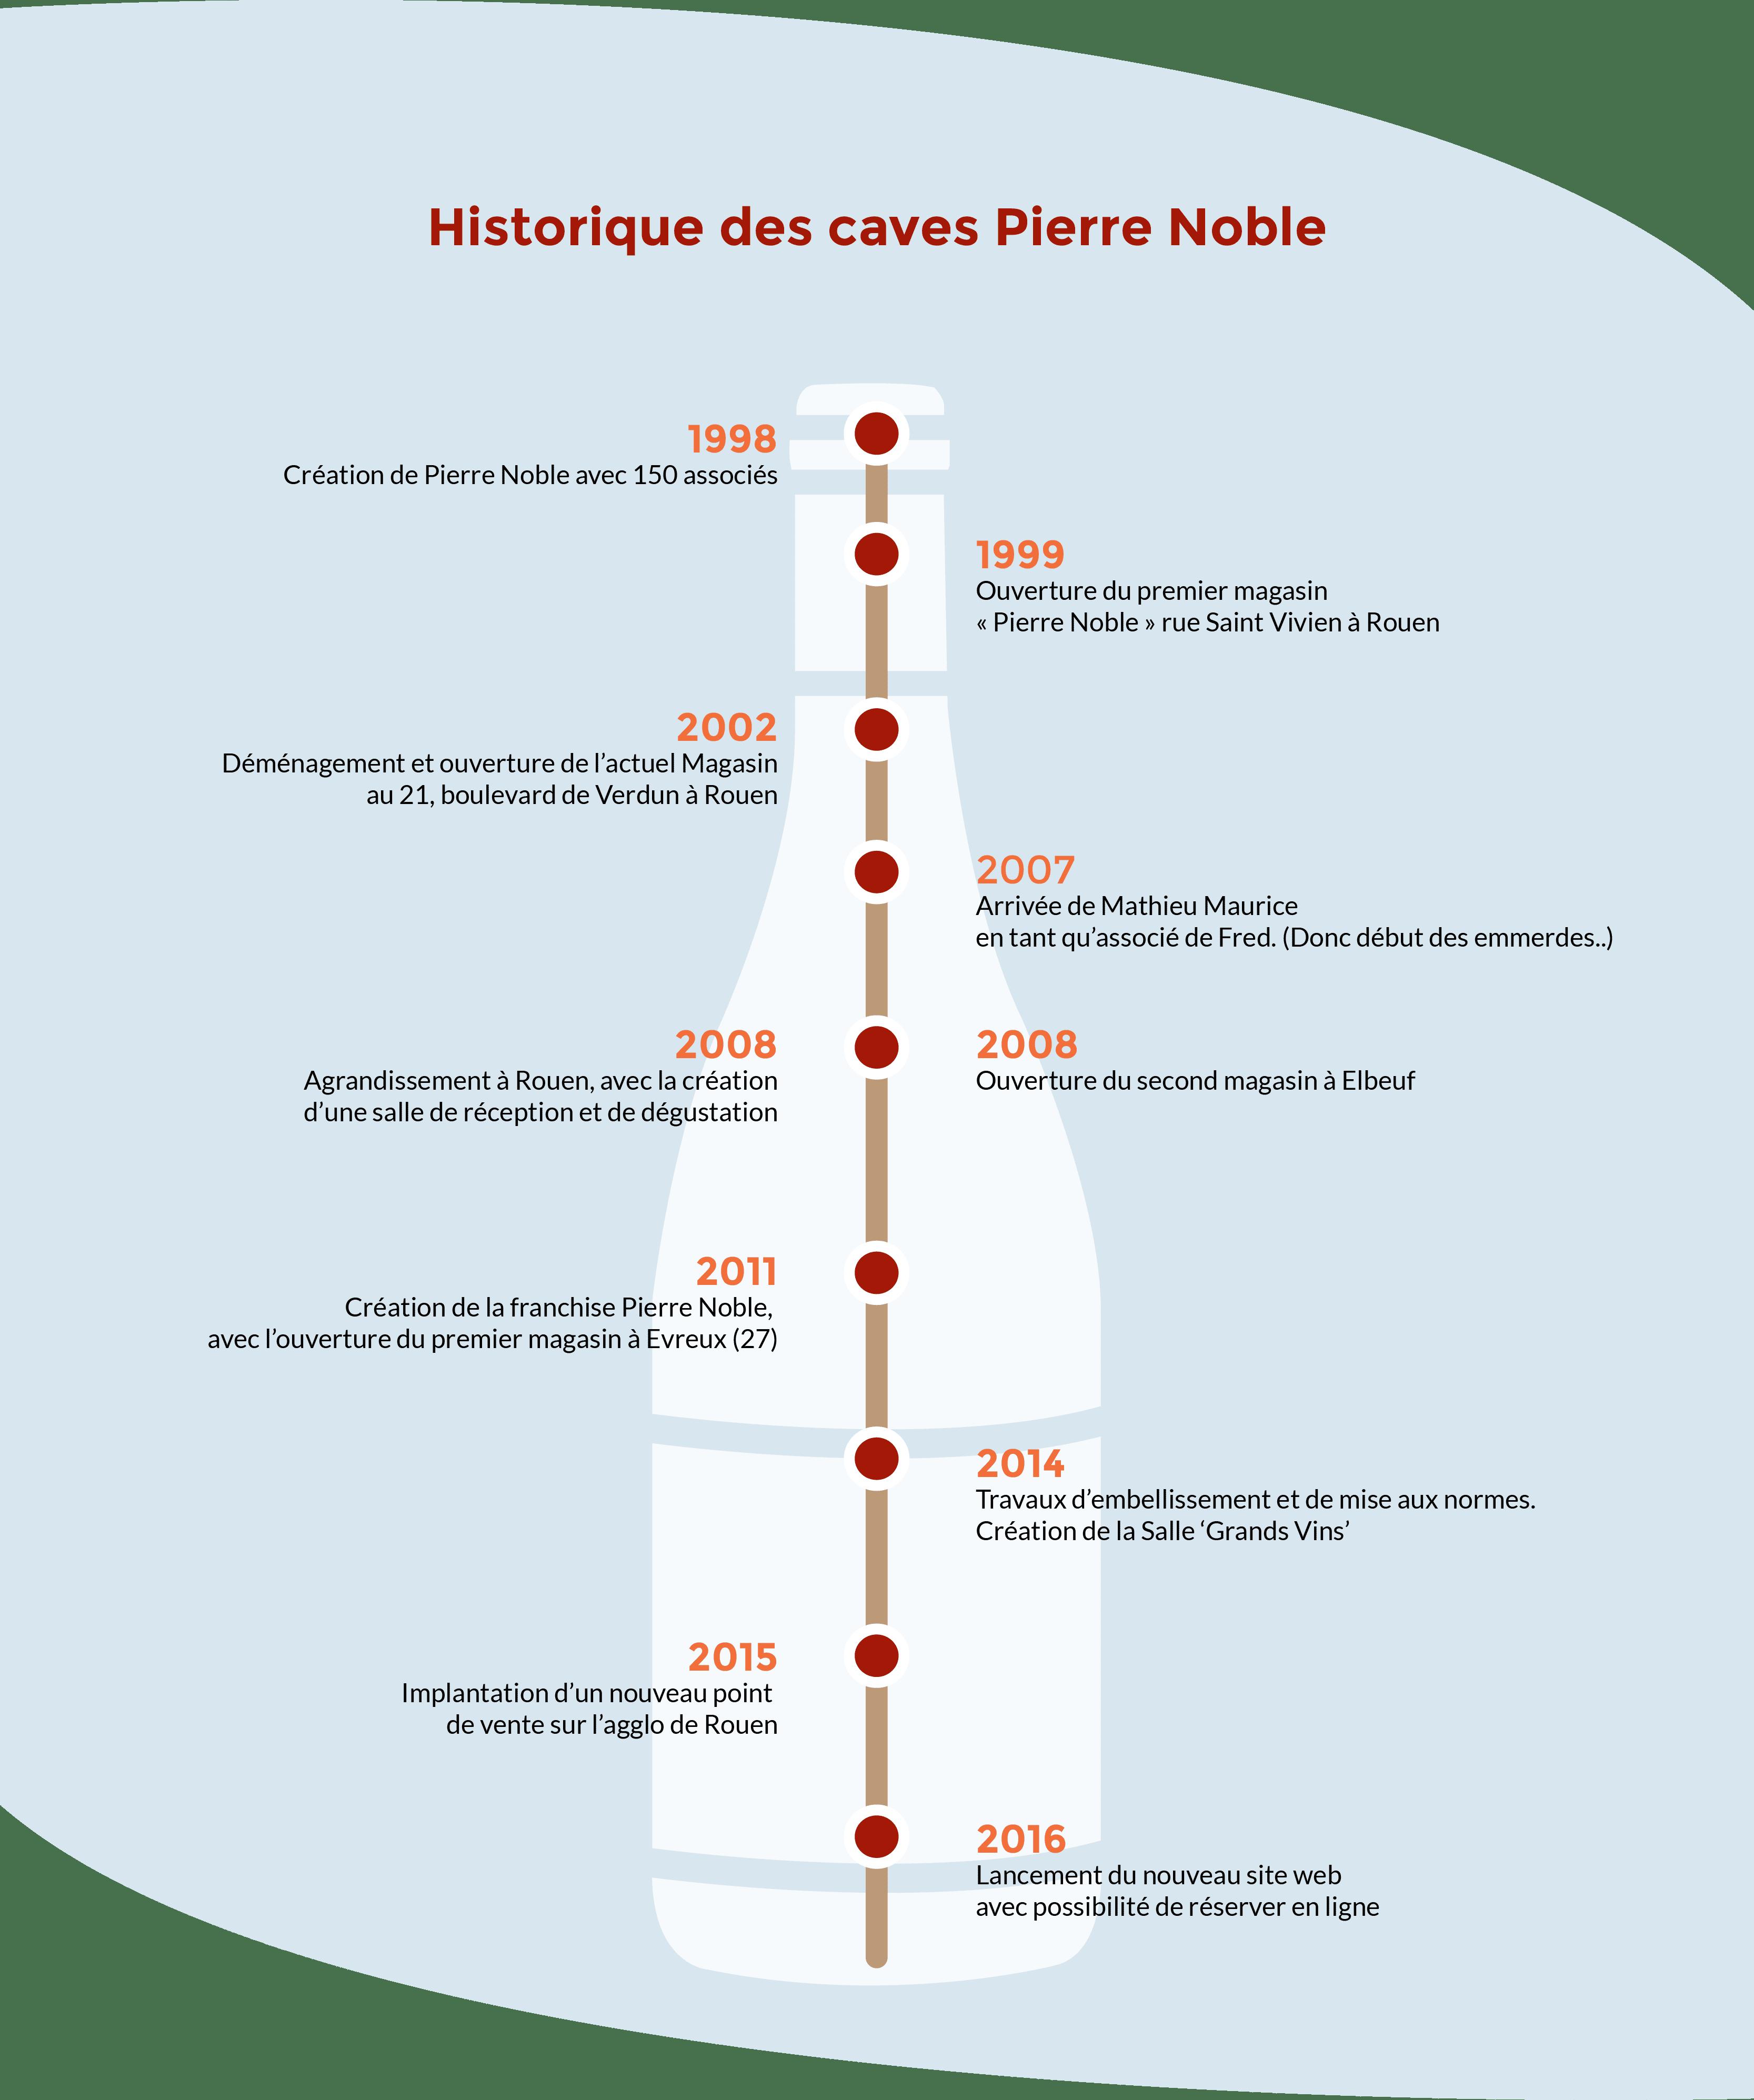 historique_pierre_noble-07